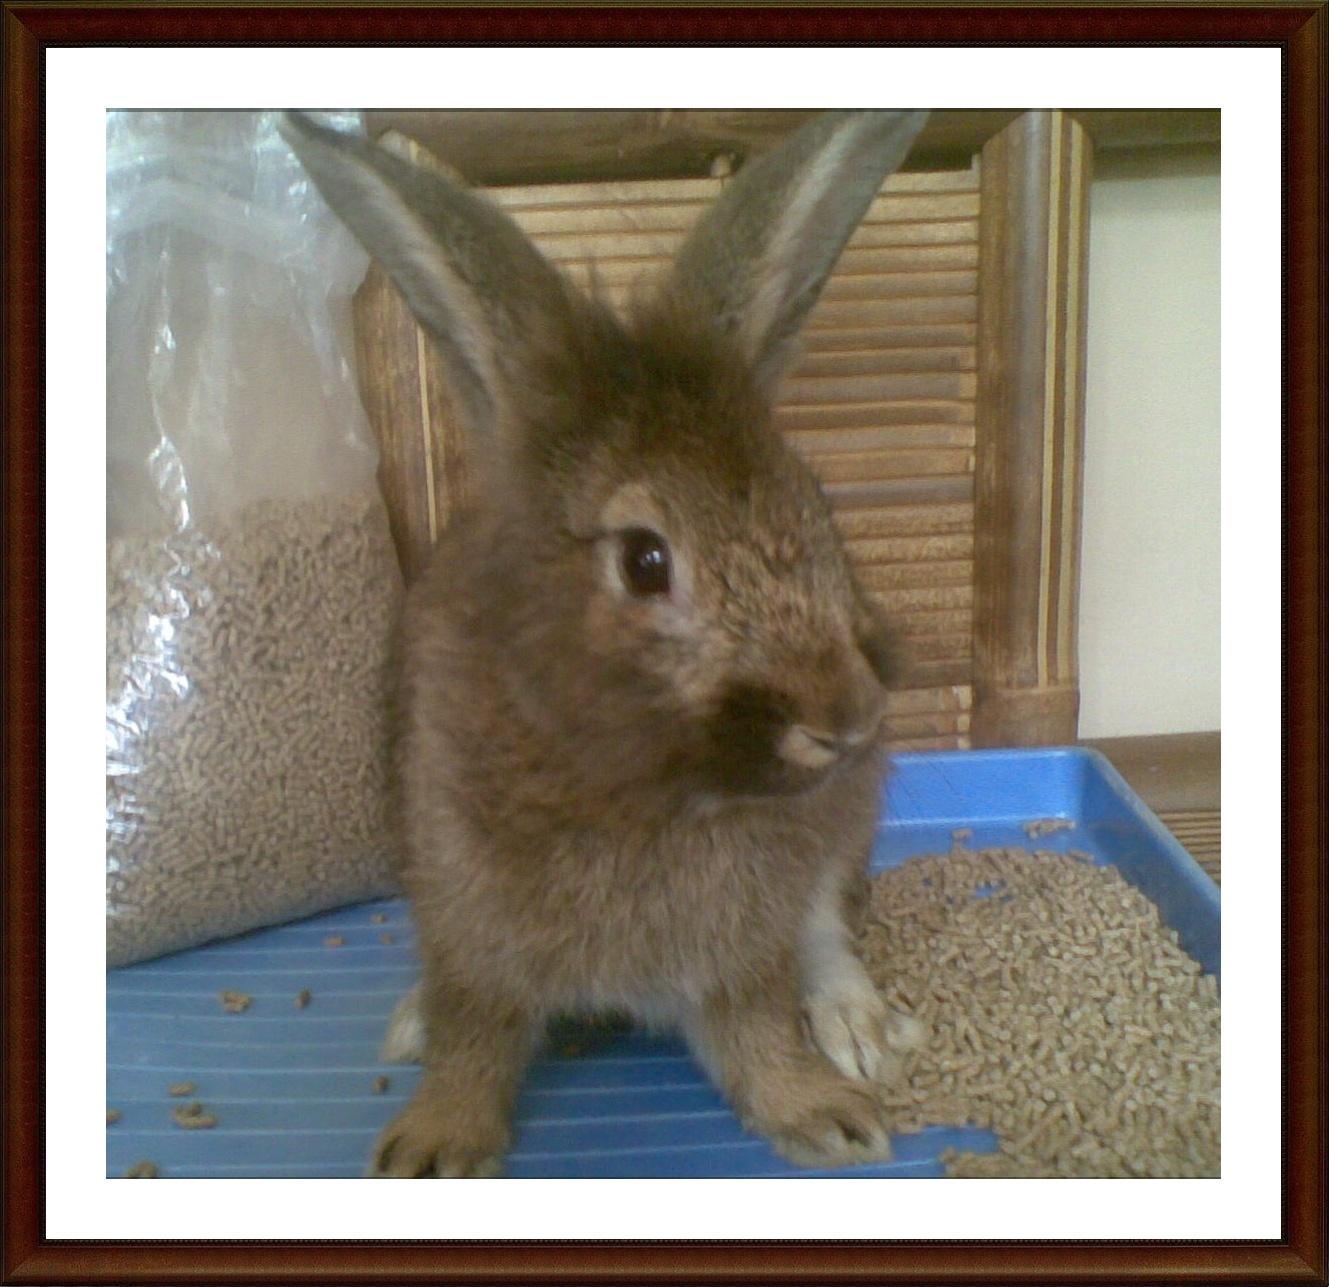 3R Rabbitry